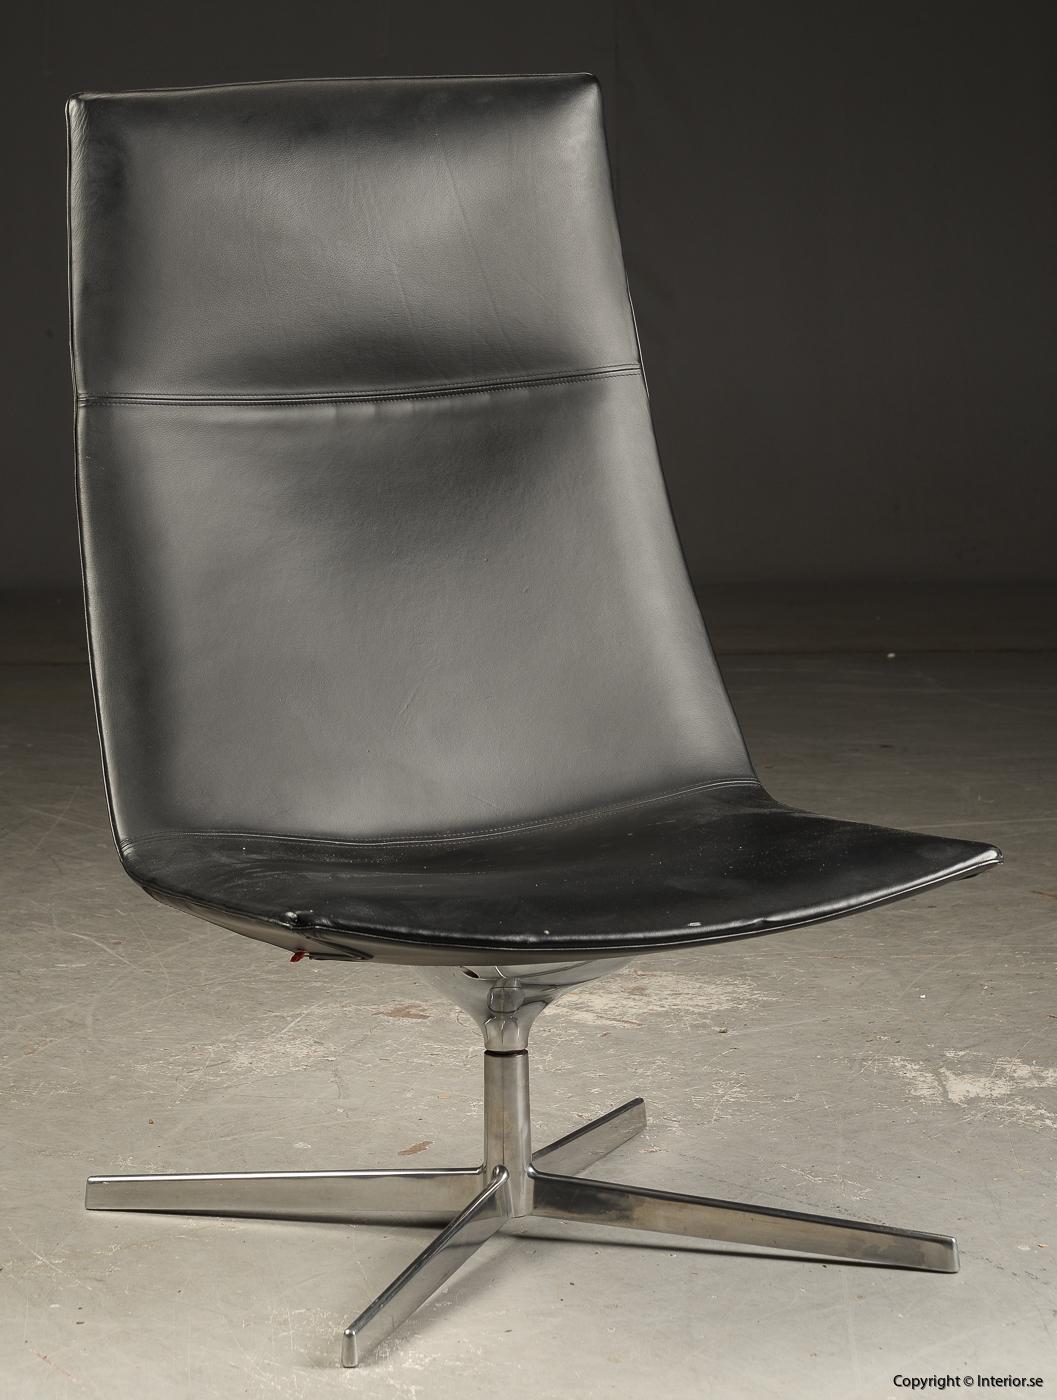 Loungefåtölj lounge chair Arper Catifa 70 läder - Lievore, Altherr, Molina  2